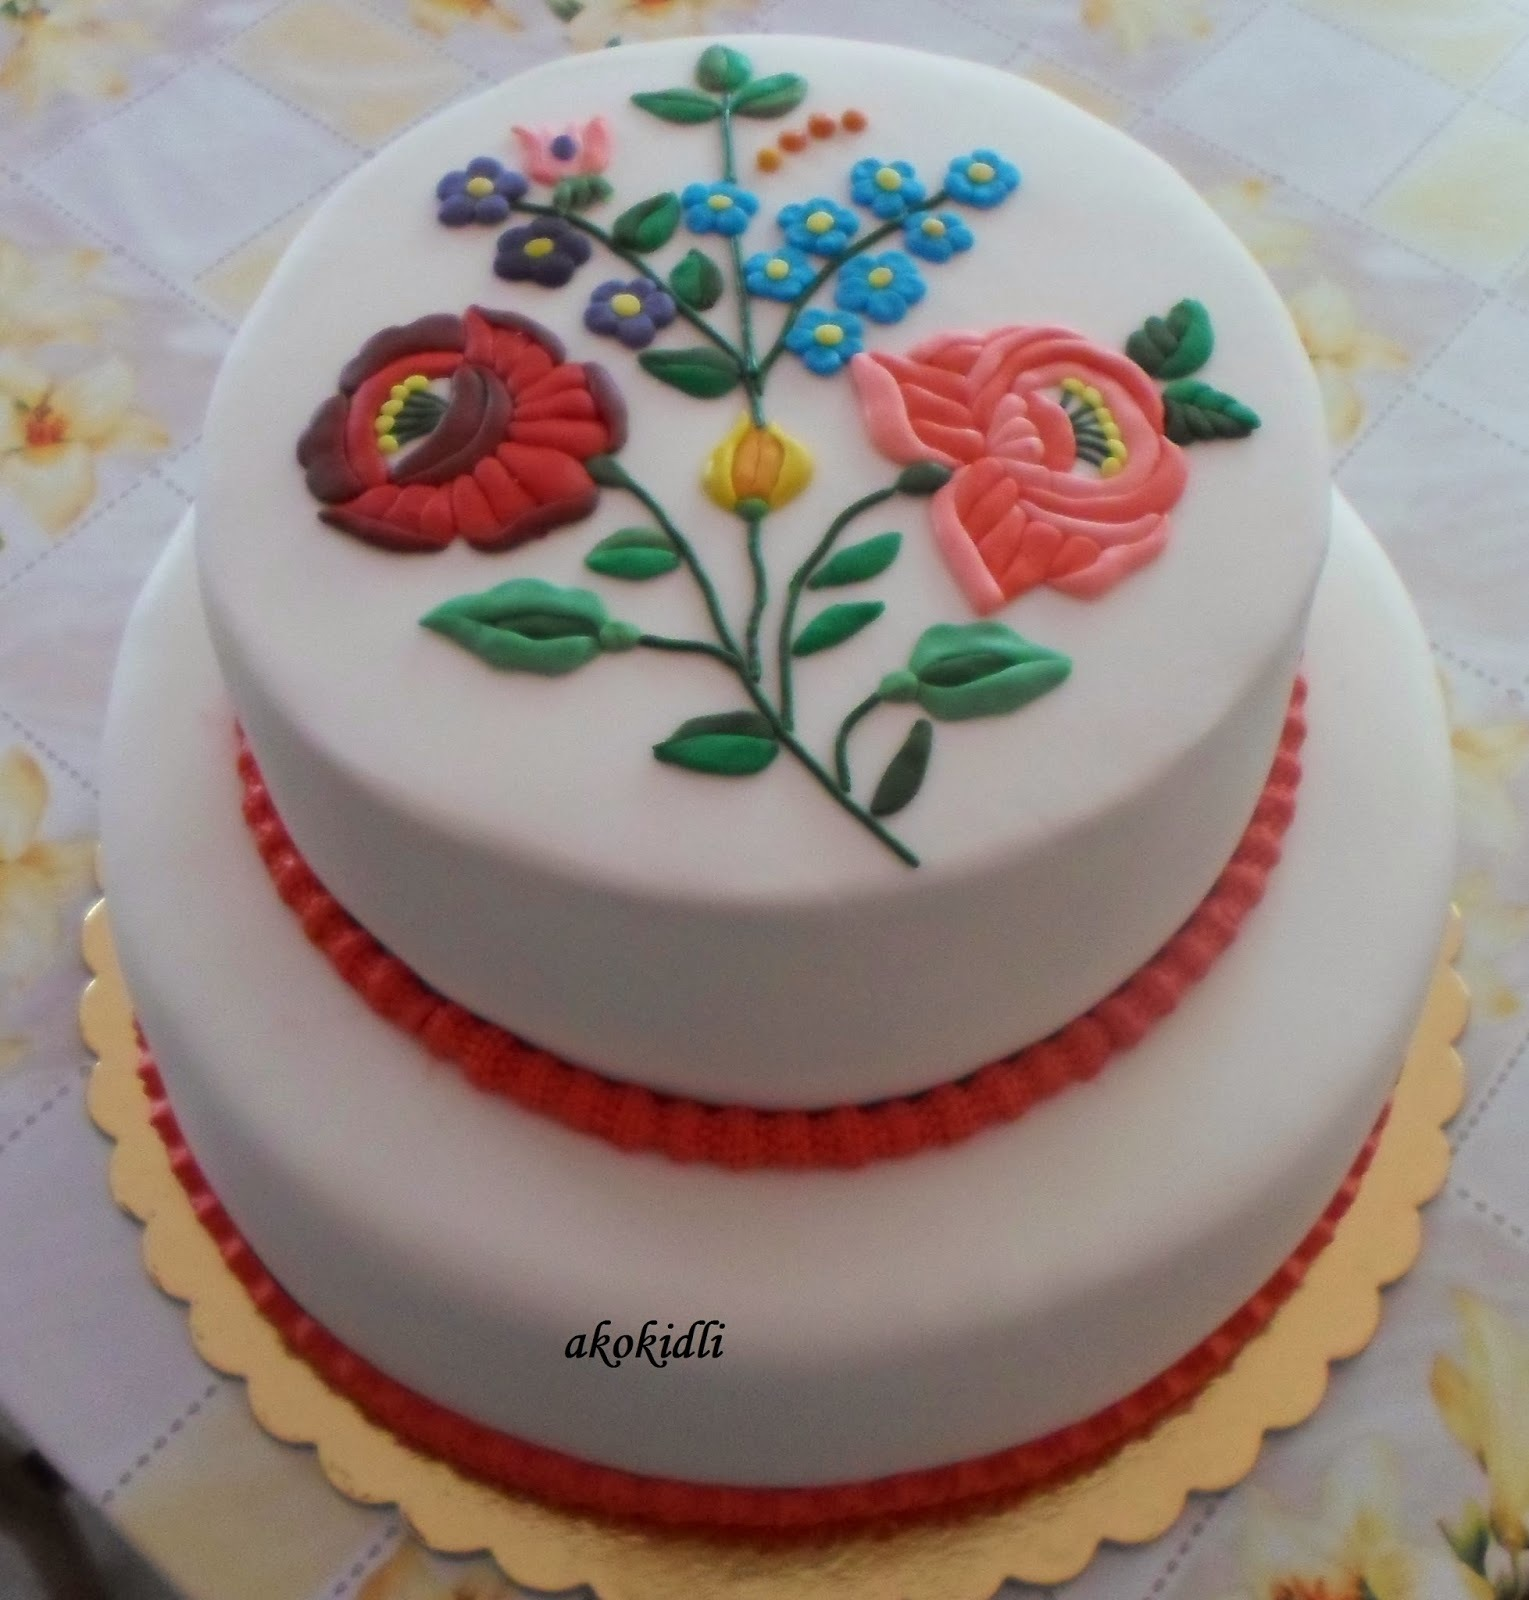 Kalocsai esküvői torta  és a diplomaosztós torta